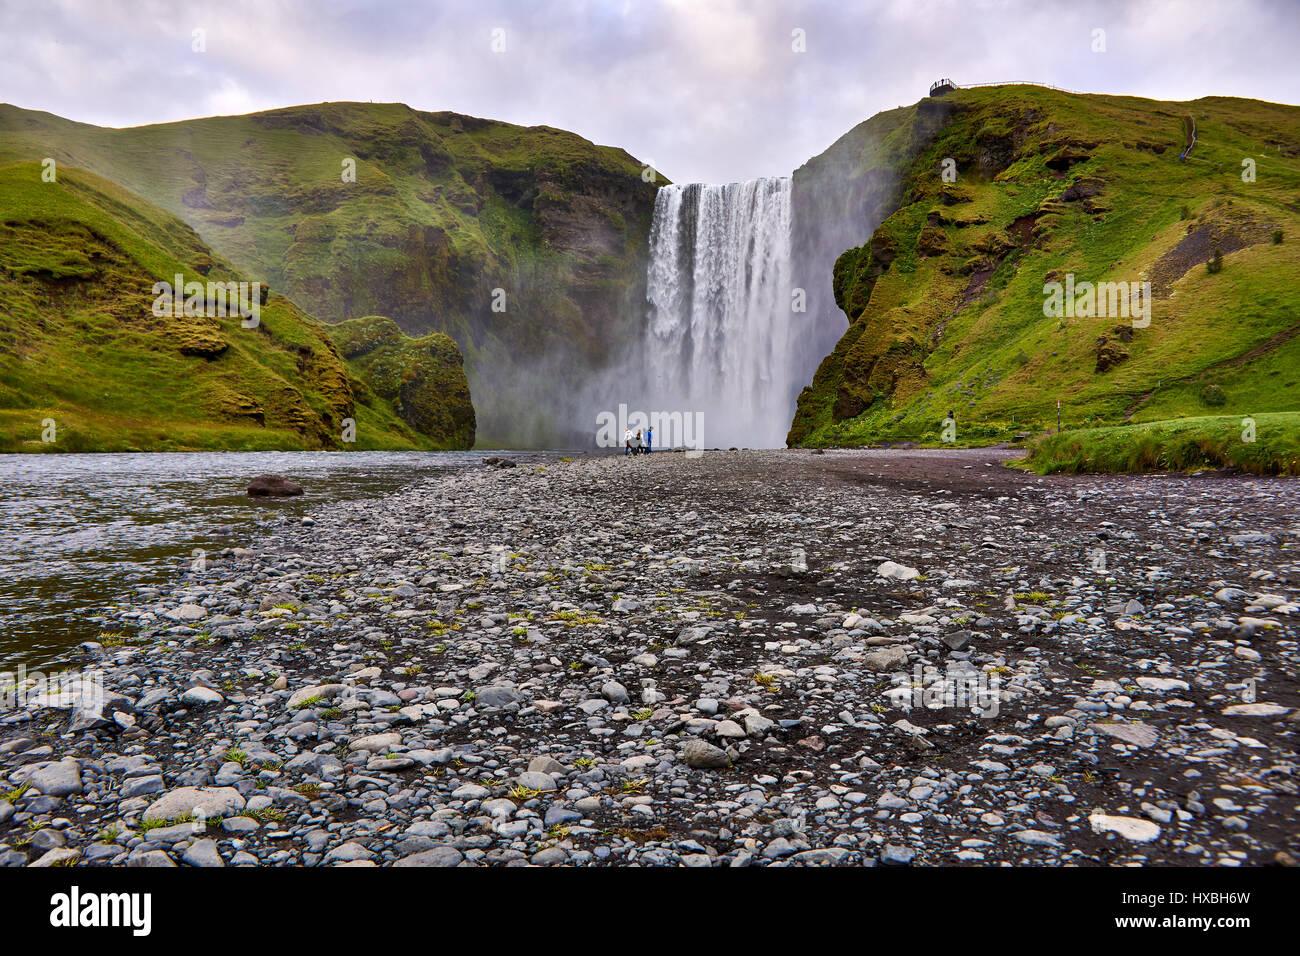 Skogafoss waterfall southern Iceland - Stock Image